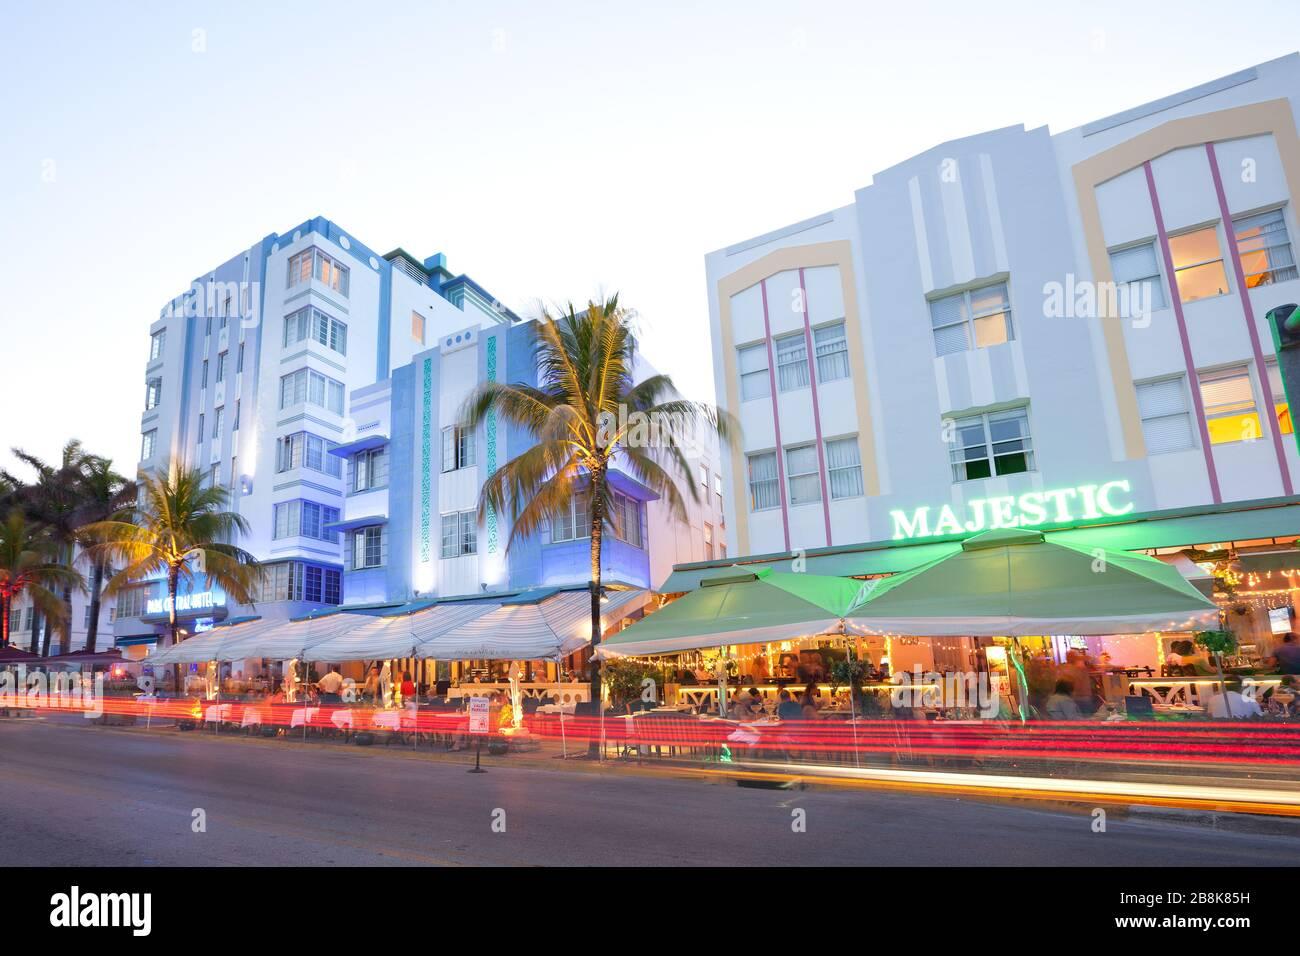 South Beach, Miami, Florida, Estados Unidos - Hoteles, bares y restaurantes en Ocean Drive en el famoso distrito Art Deco. Foto de stock